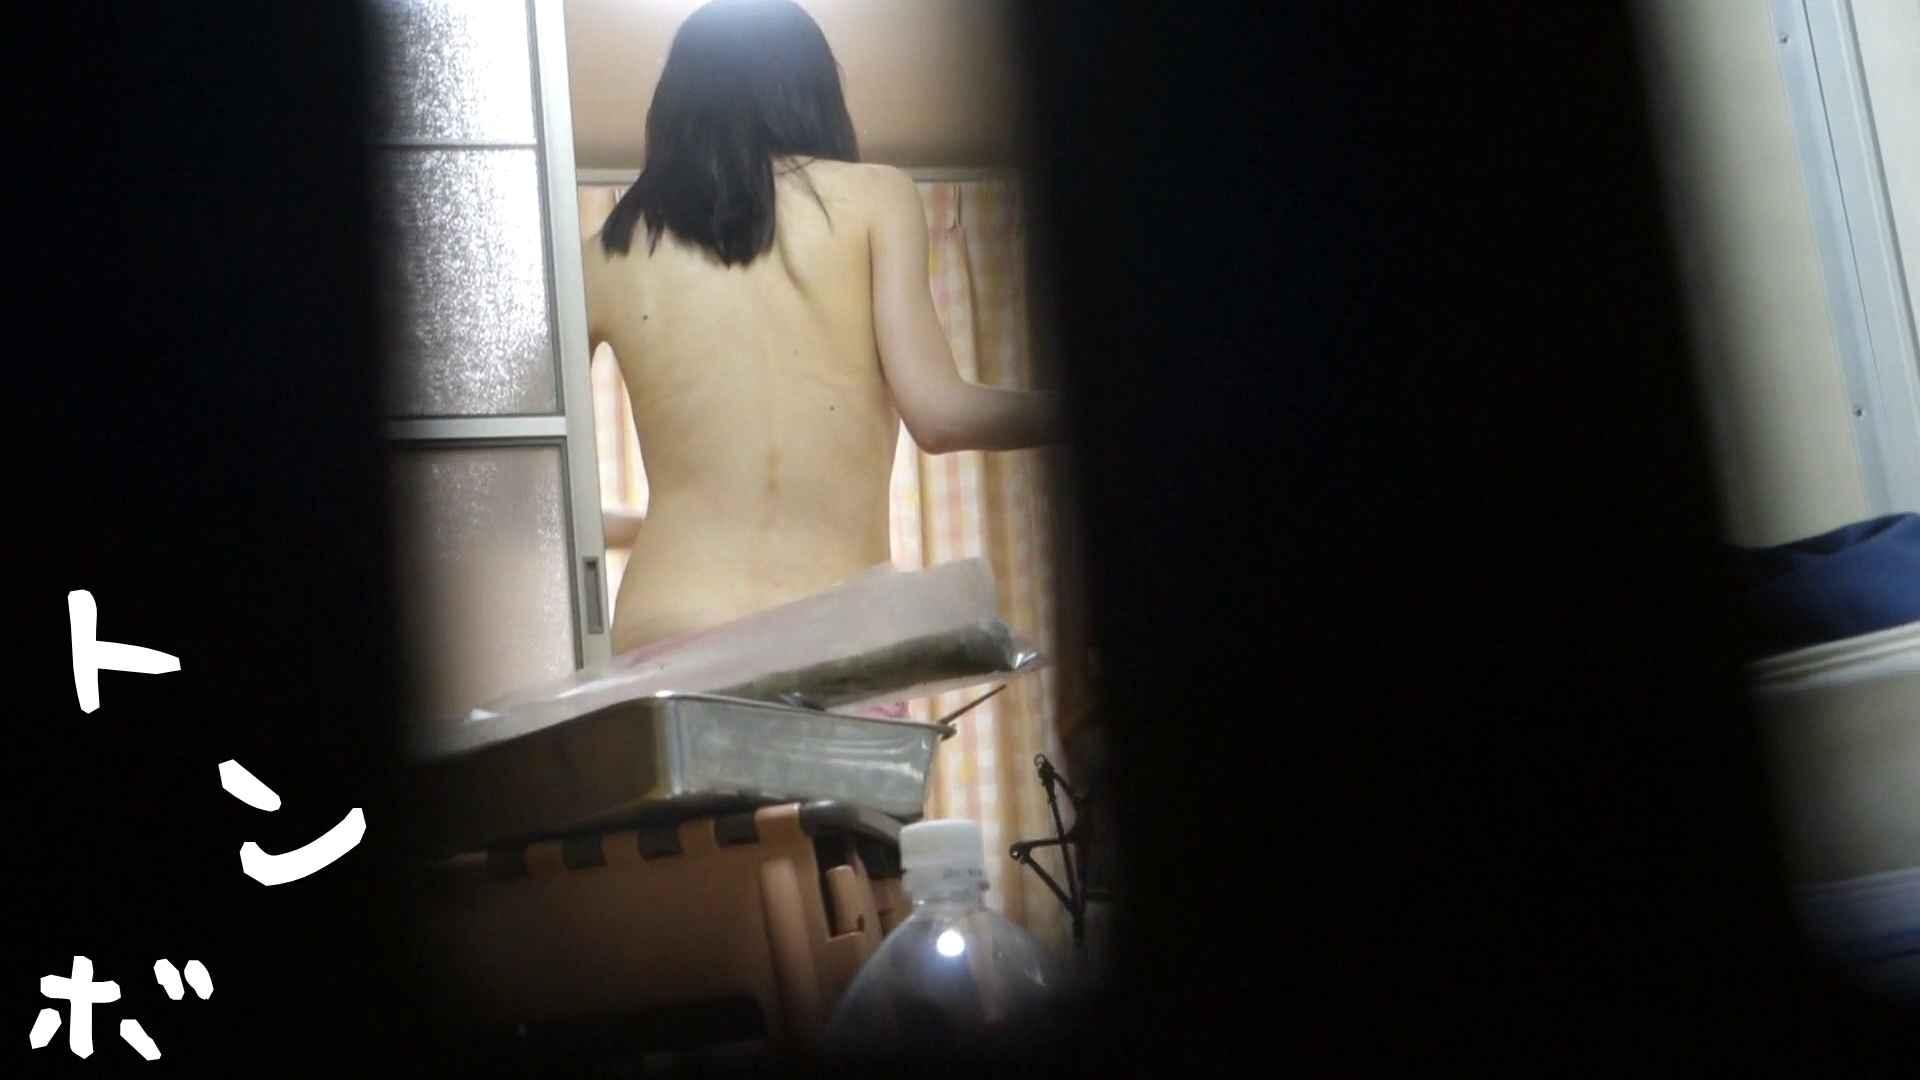 リアル盗撮 現役女子大生の私生活③ 潜入シリーズ  83Pix 41